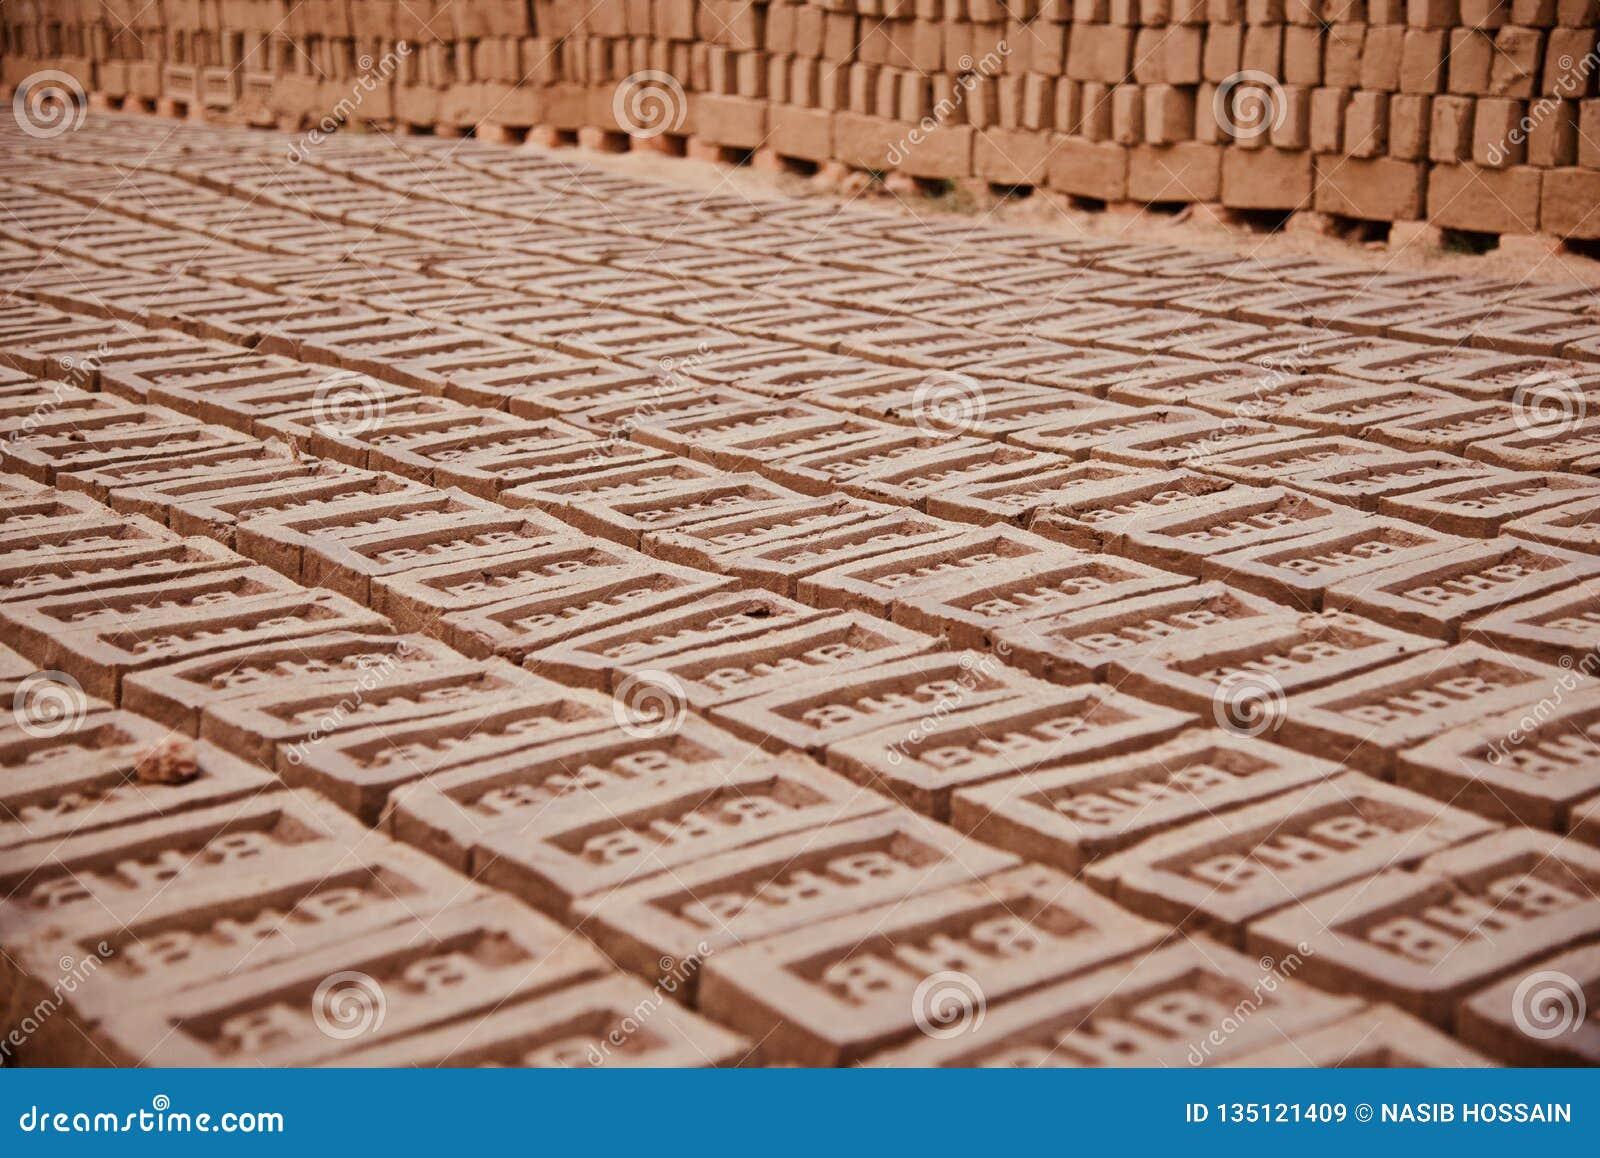 Stack of bricks in a brick field unique photo